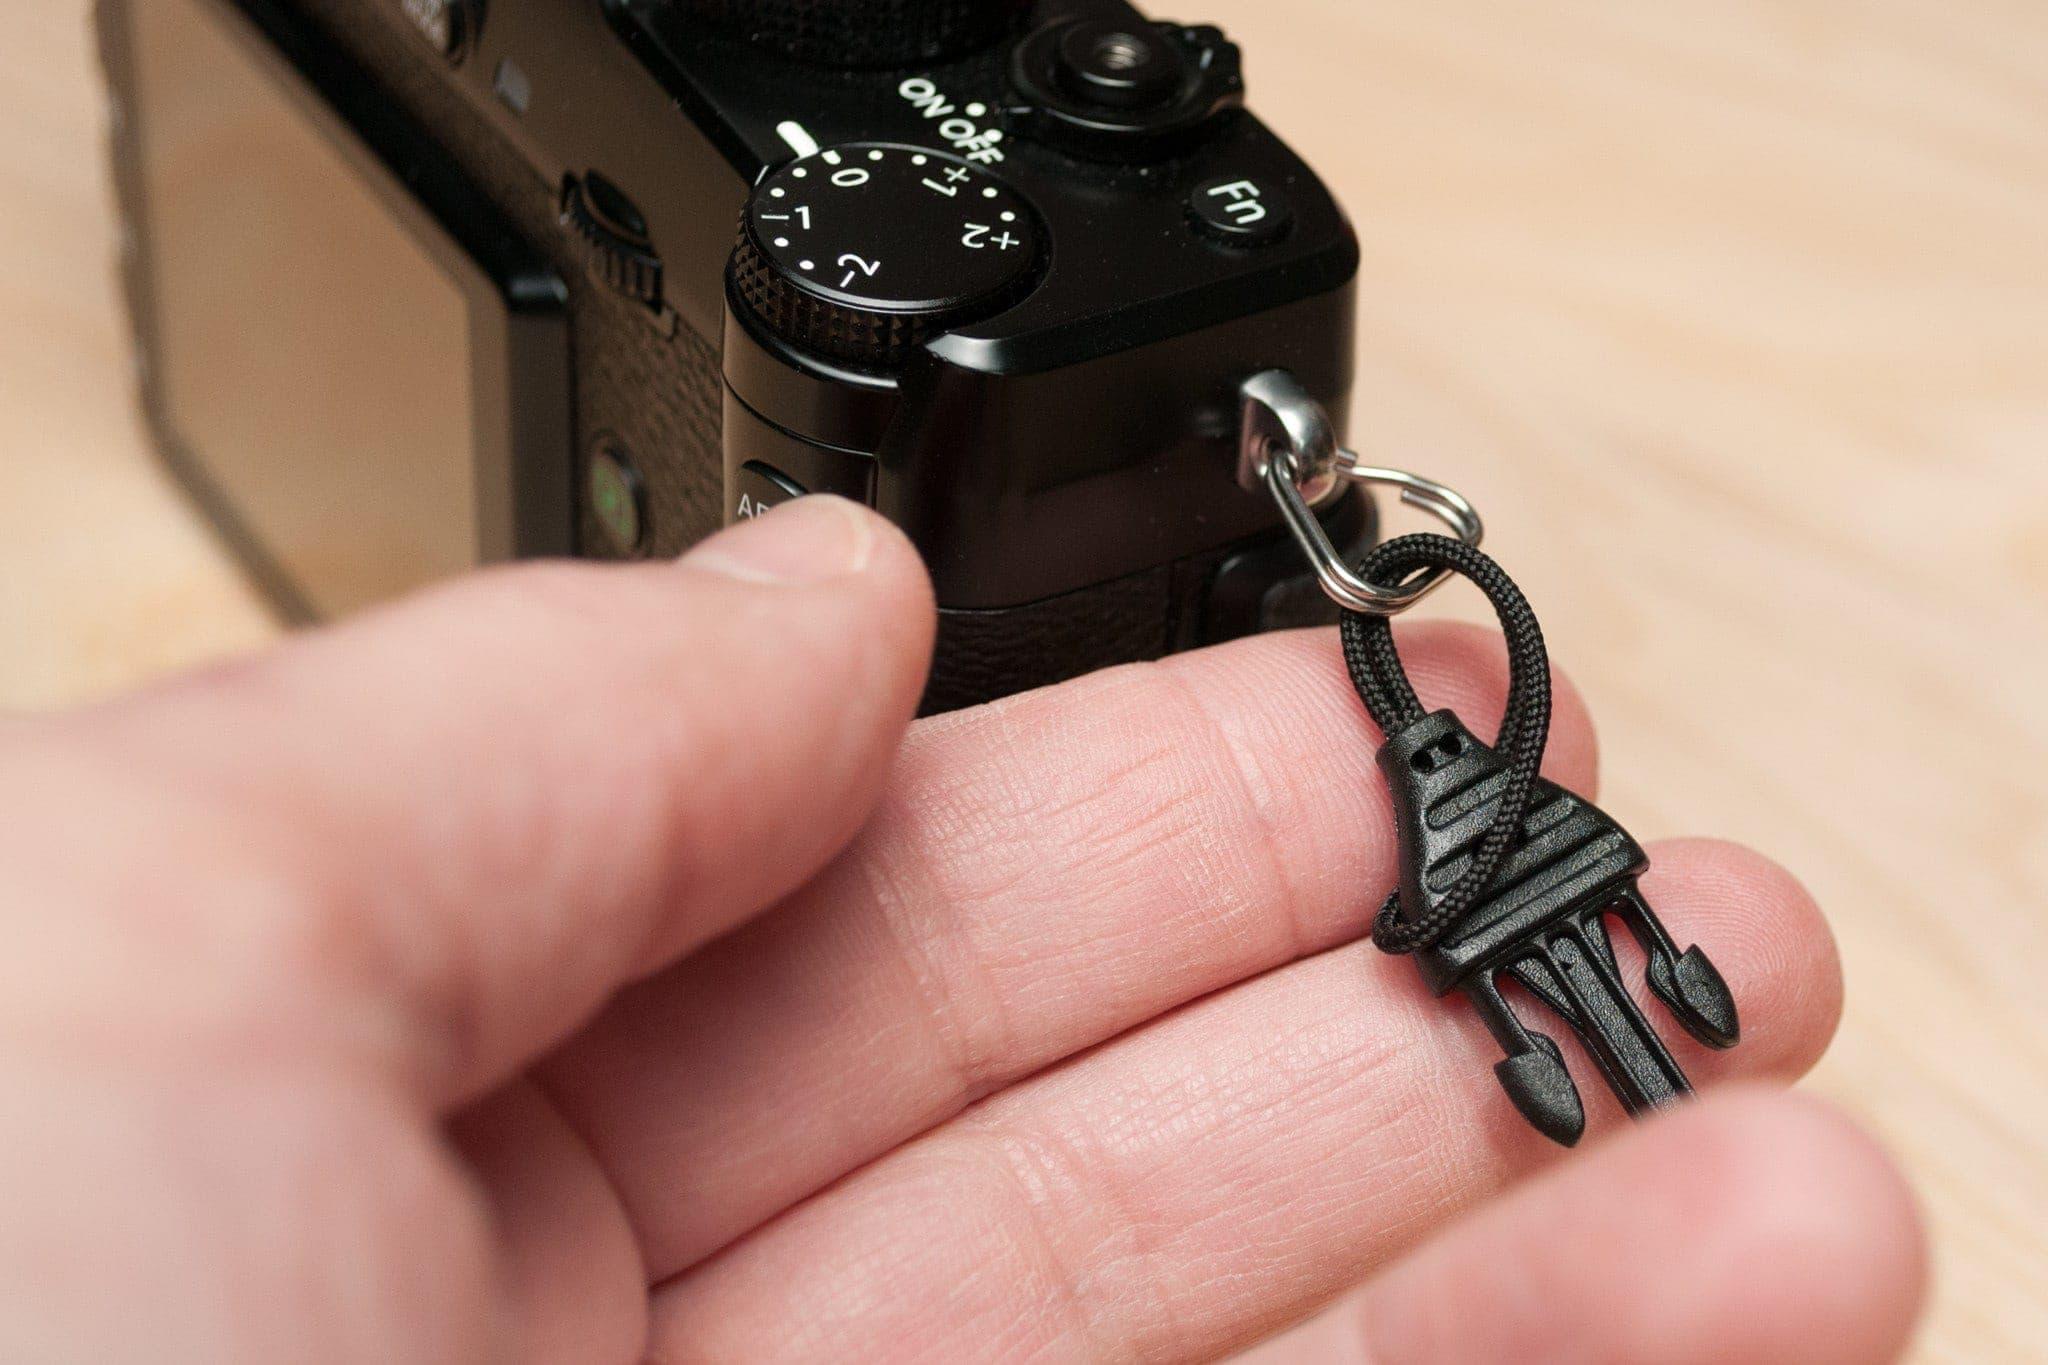 Tråd mini hurtig frakobles gennem åbning af sløjfe.